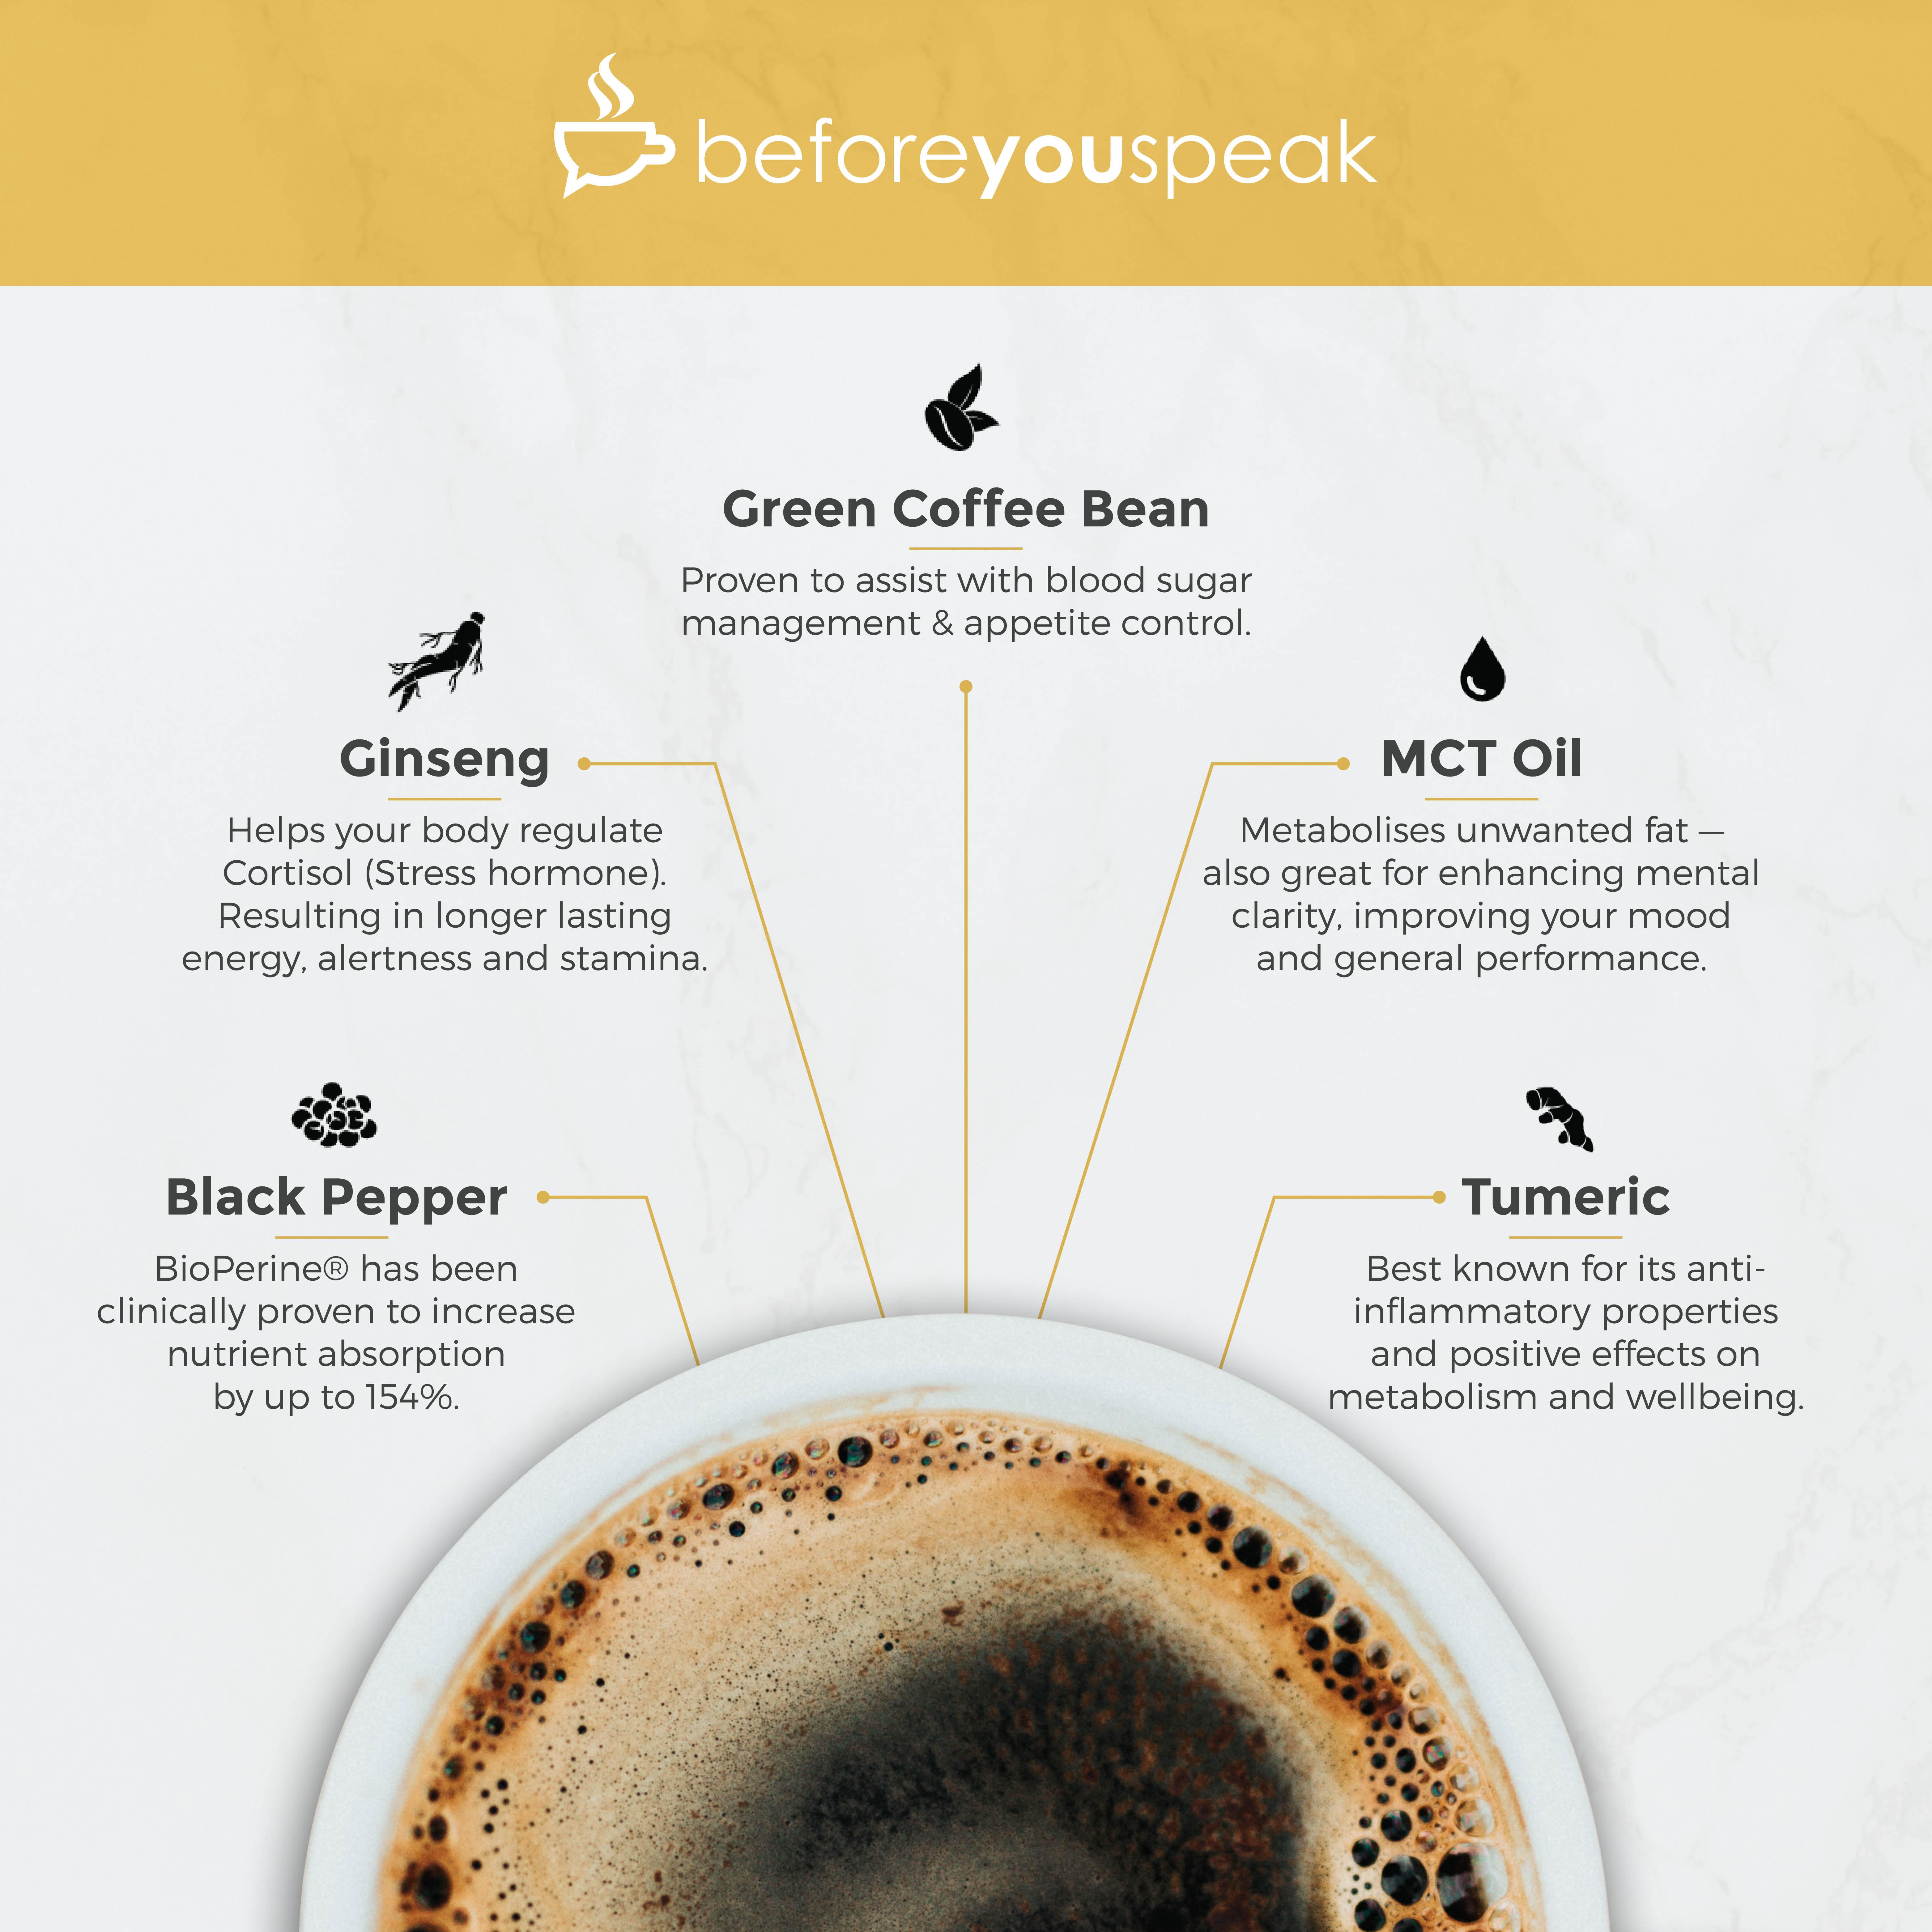 Beforeyouspeak Coffee Singapore